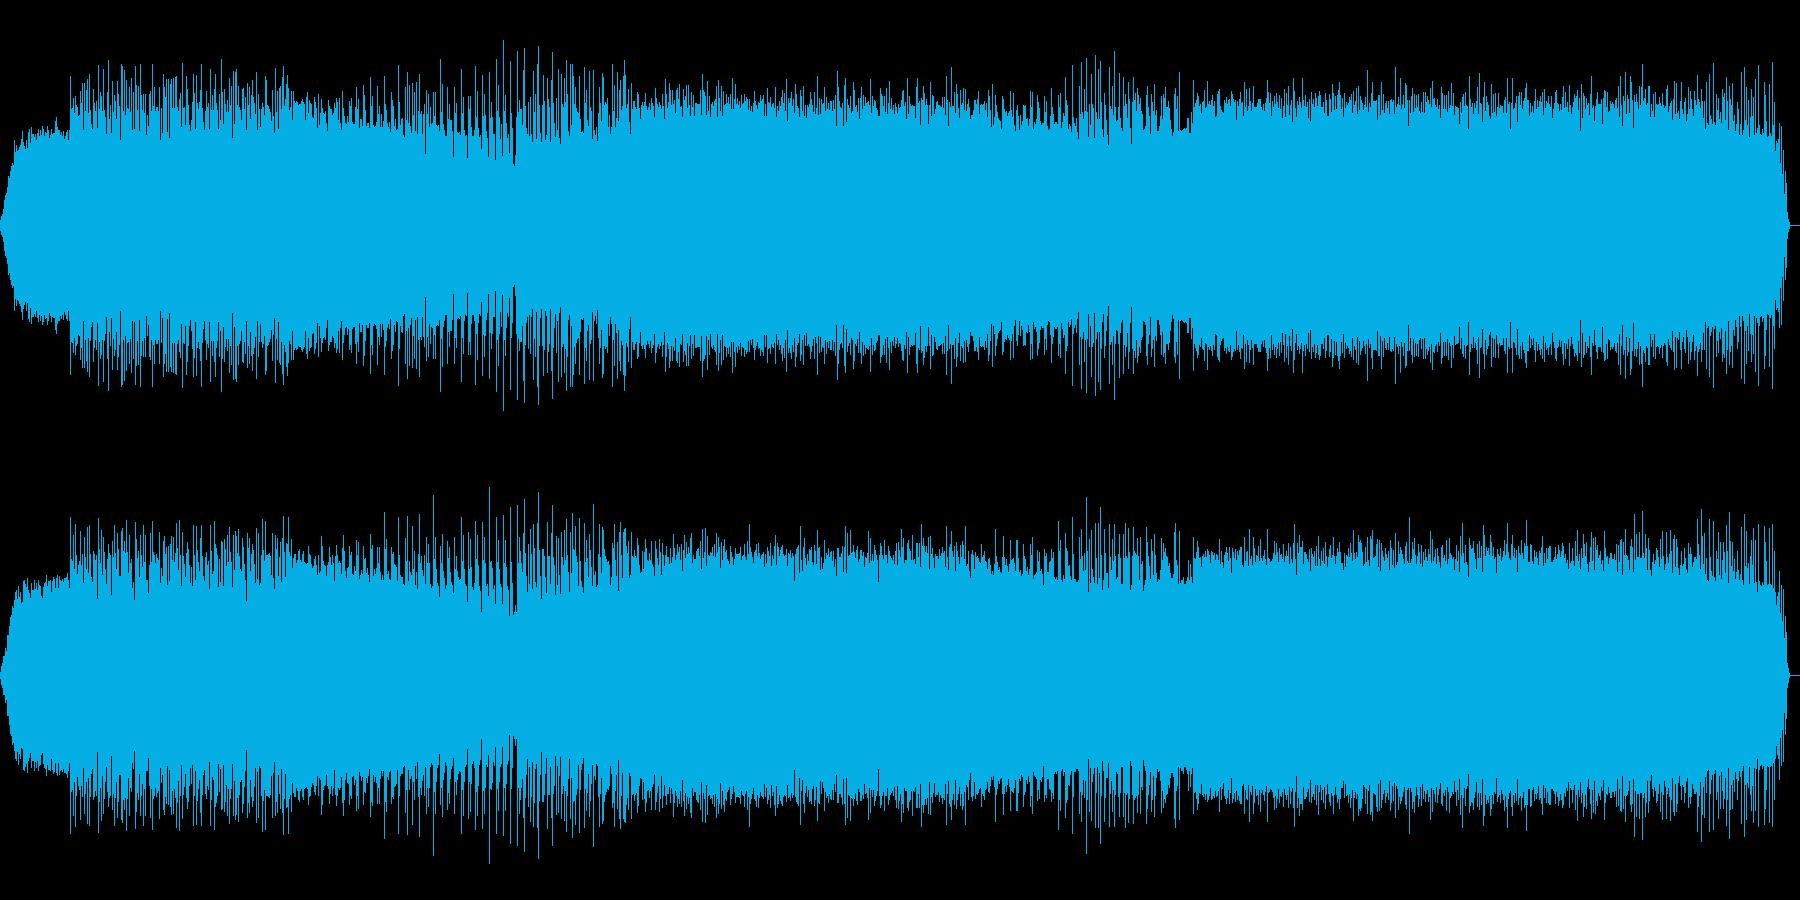 緊迫感のあるドラムンベースの再生済みの波形